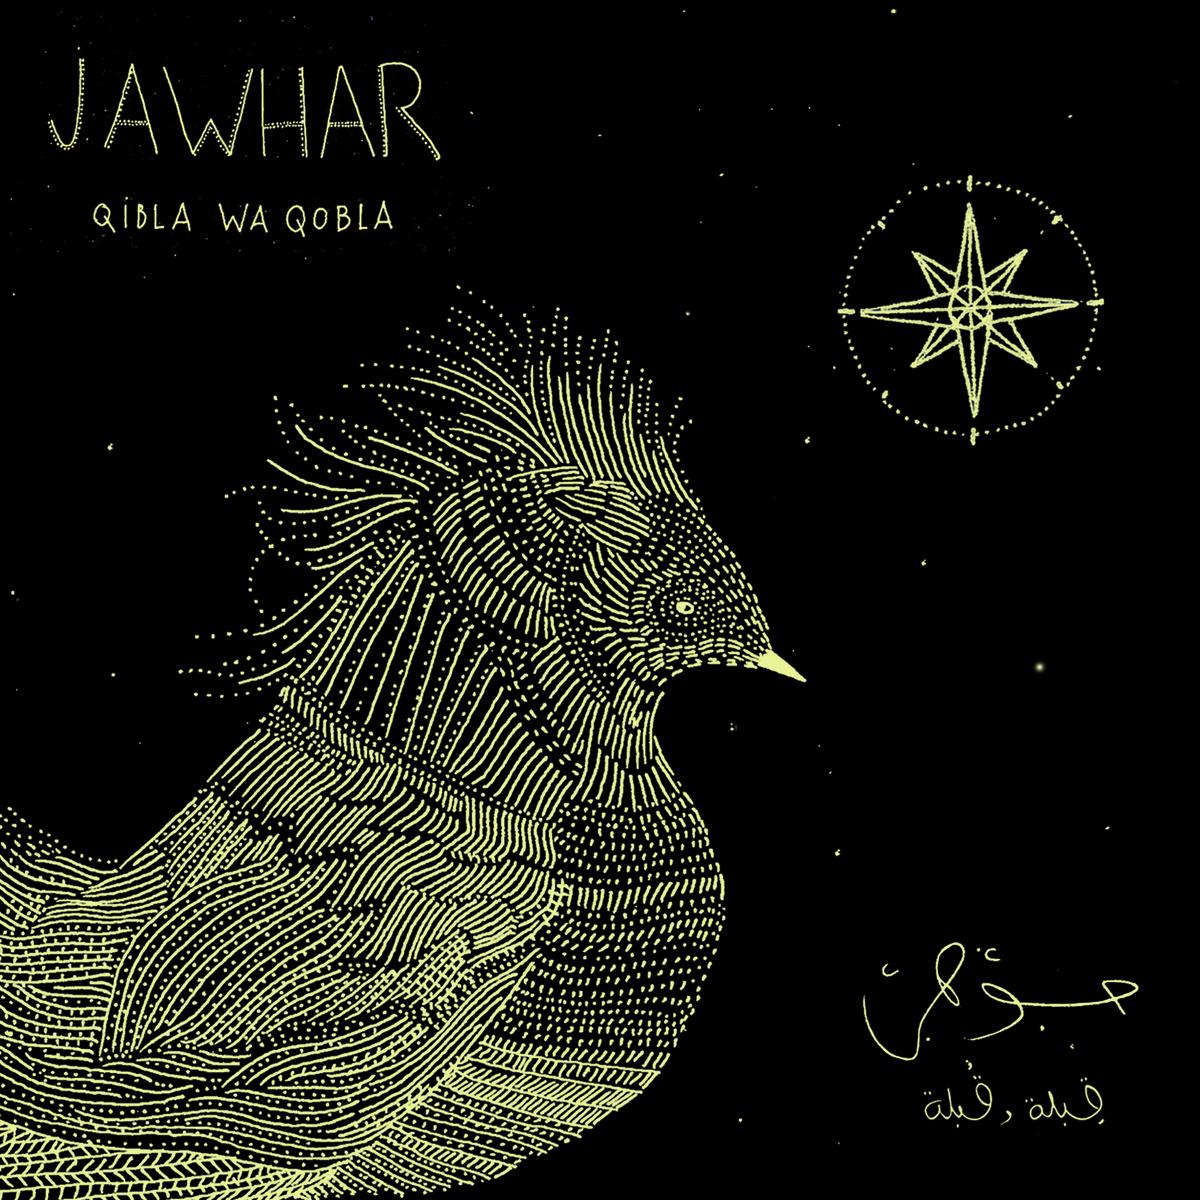 Une découverte : JAWHAR  «qibla wa qobla»